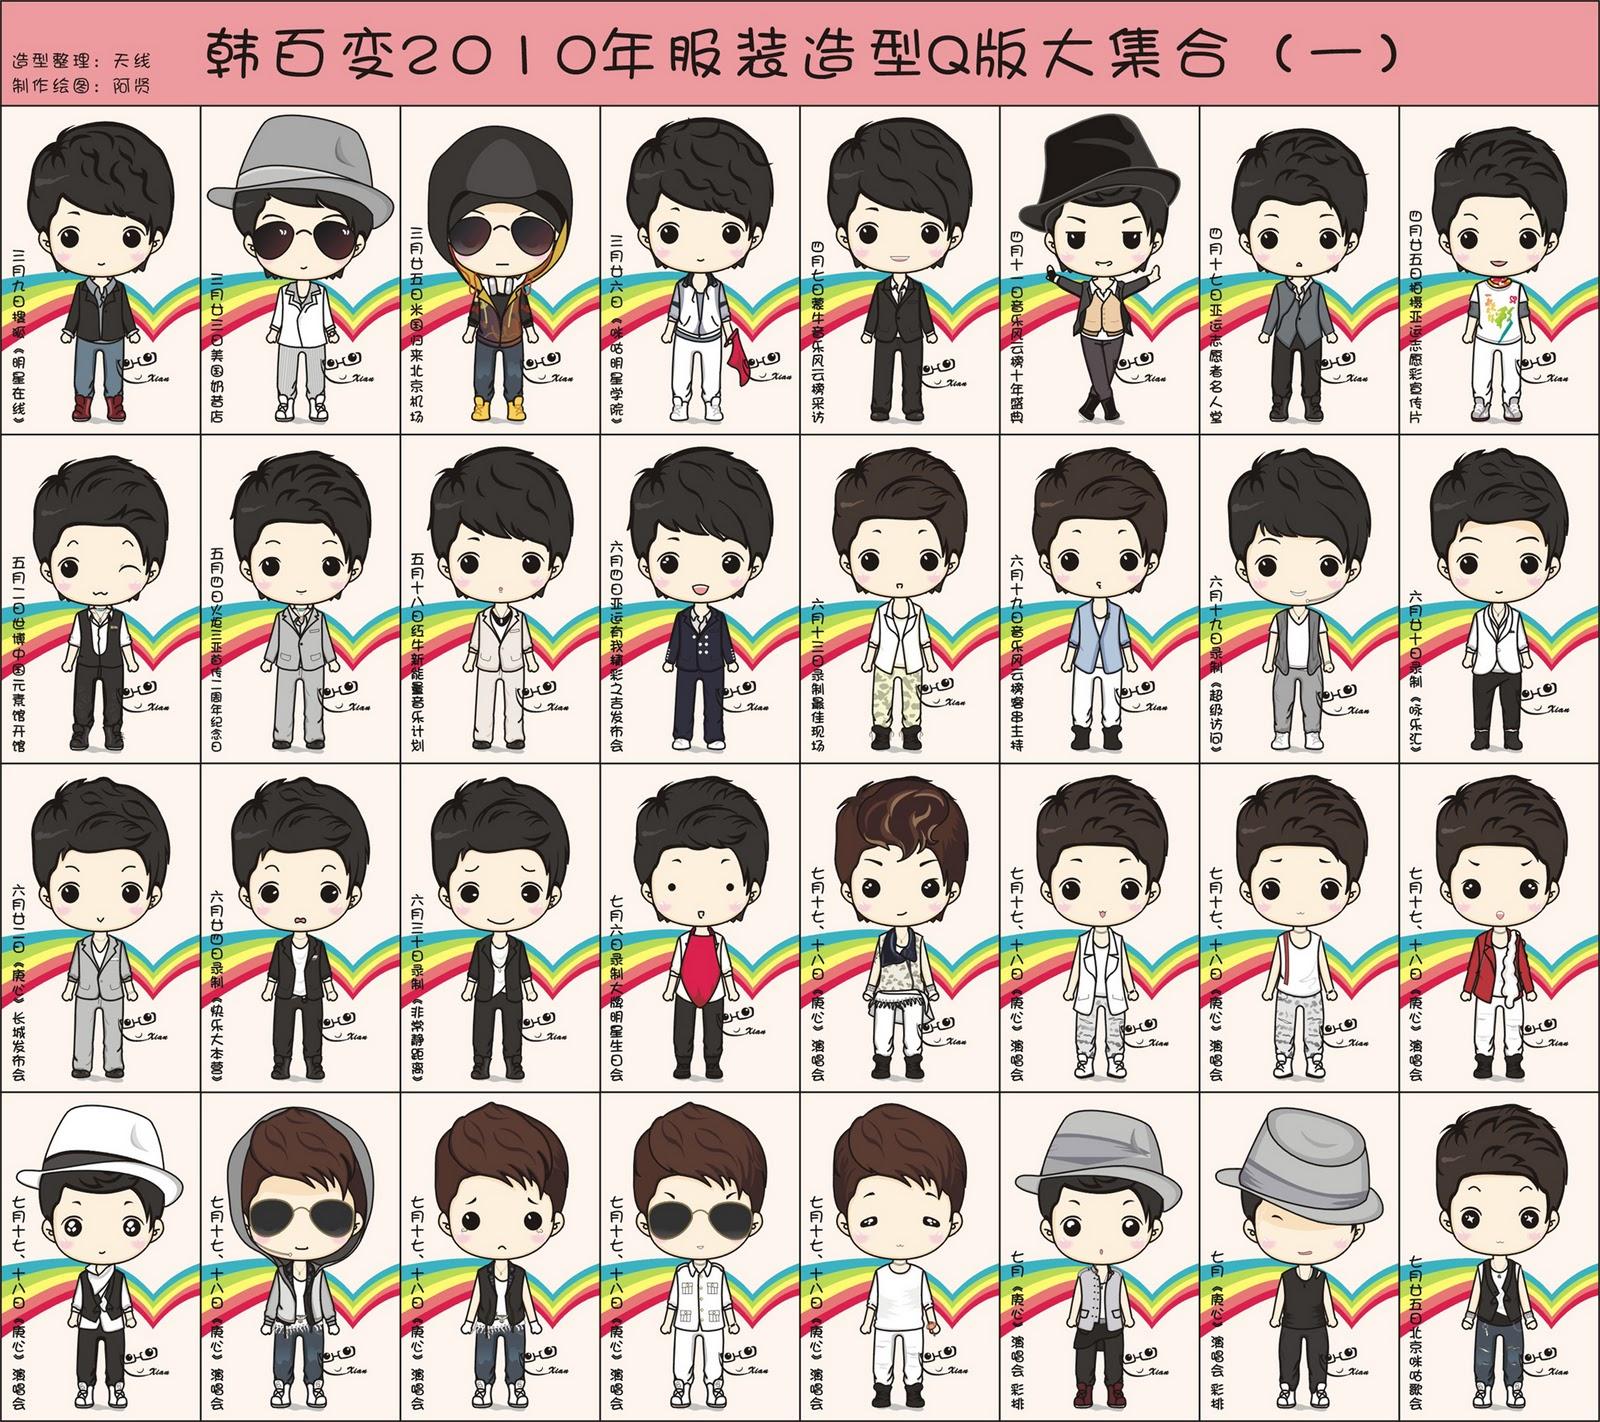 http://2.bp.blogspot.com/_u_05fJJtOBo/TUaEqfBXHNI/AAAAAAAADIg/TVCDSQRxilw/s1600/cartoon+han+geng.jpg